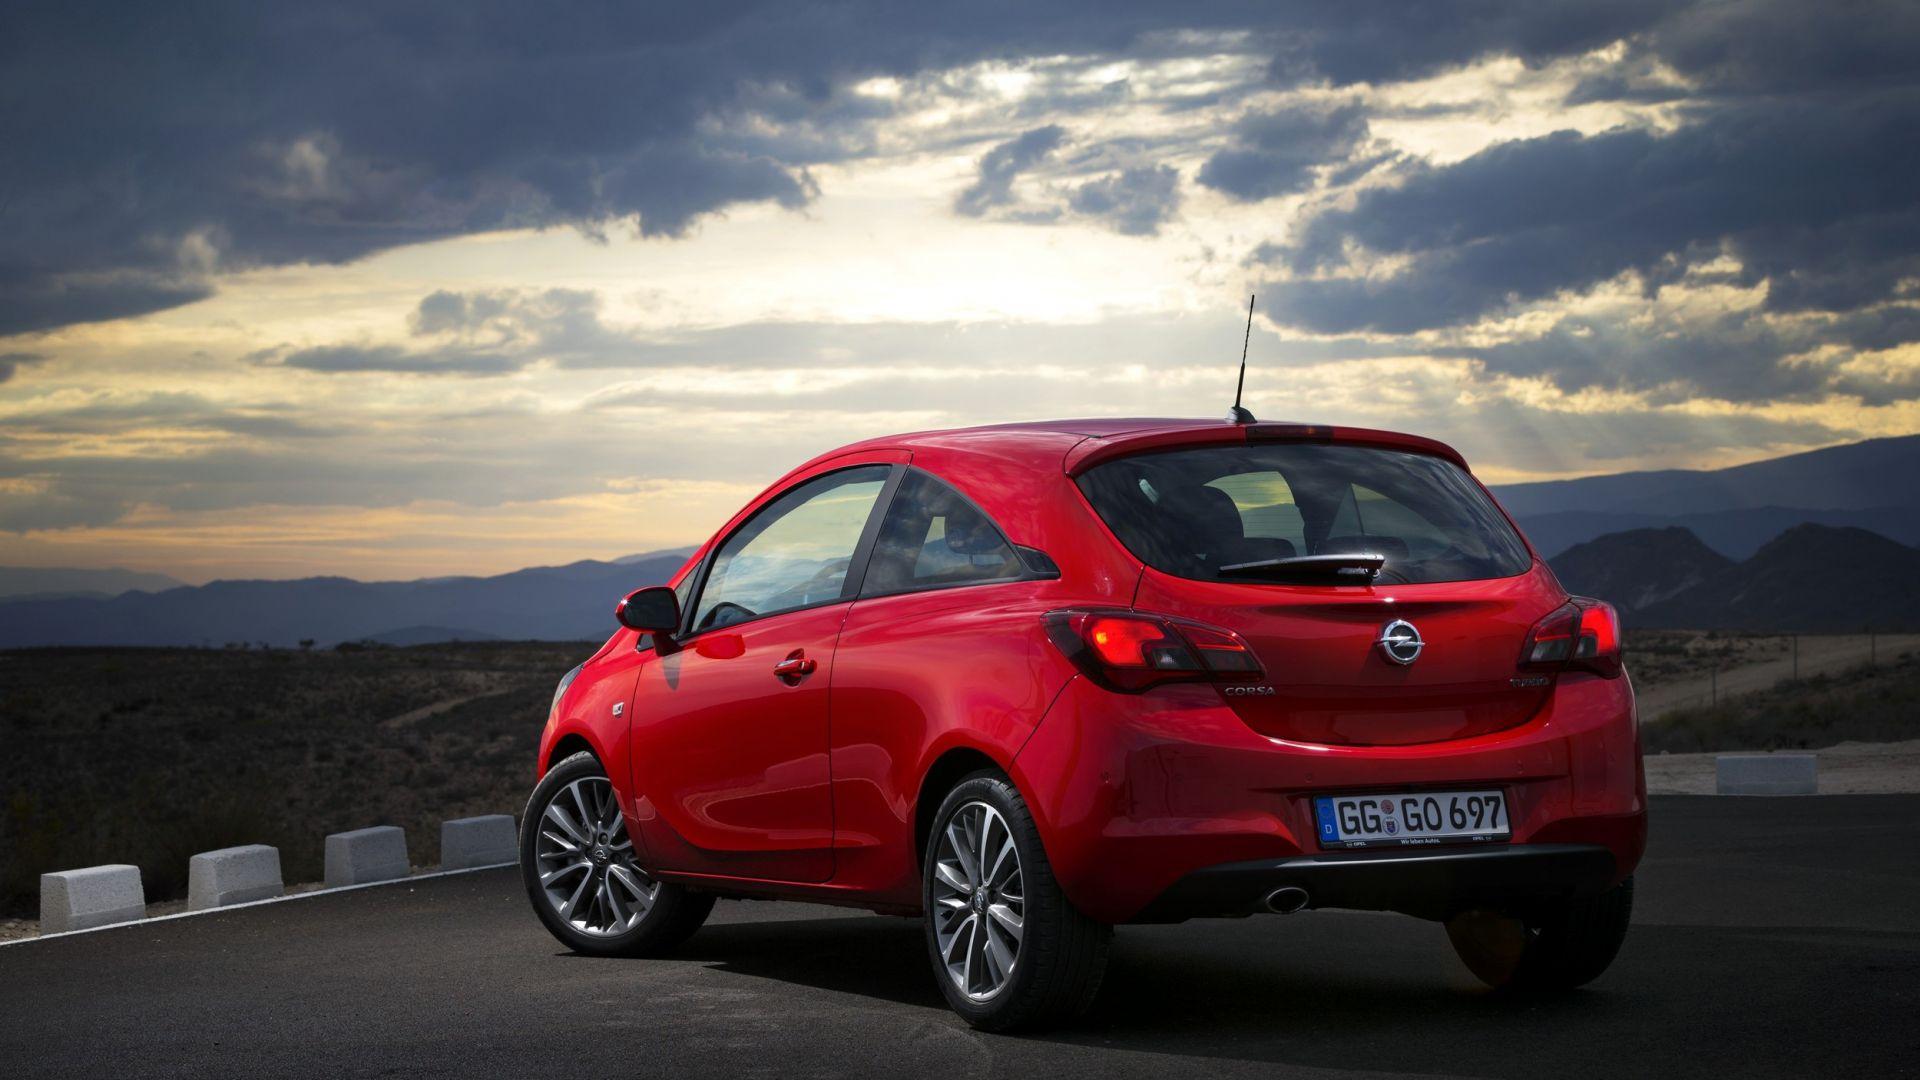 Nuova Opel Corsa - Al volante della 1.0 Ecotec 115 CV